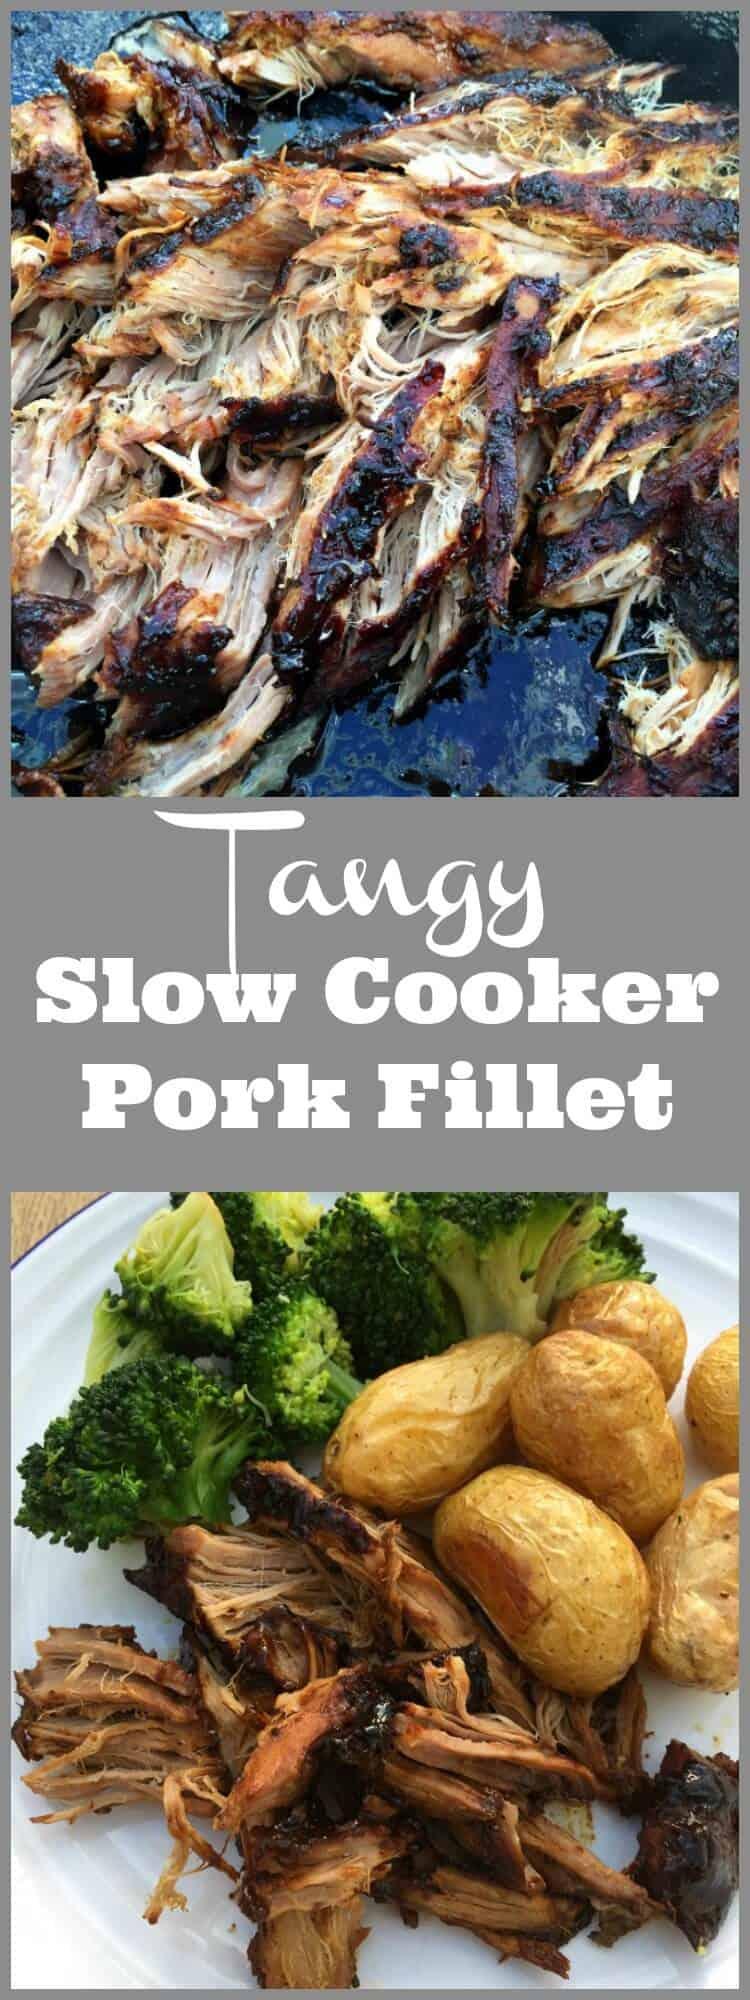 Tangy Slow Cooker Pork Fillet - BakingQueen74